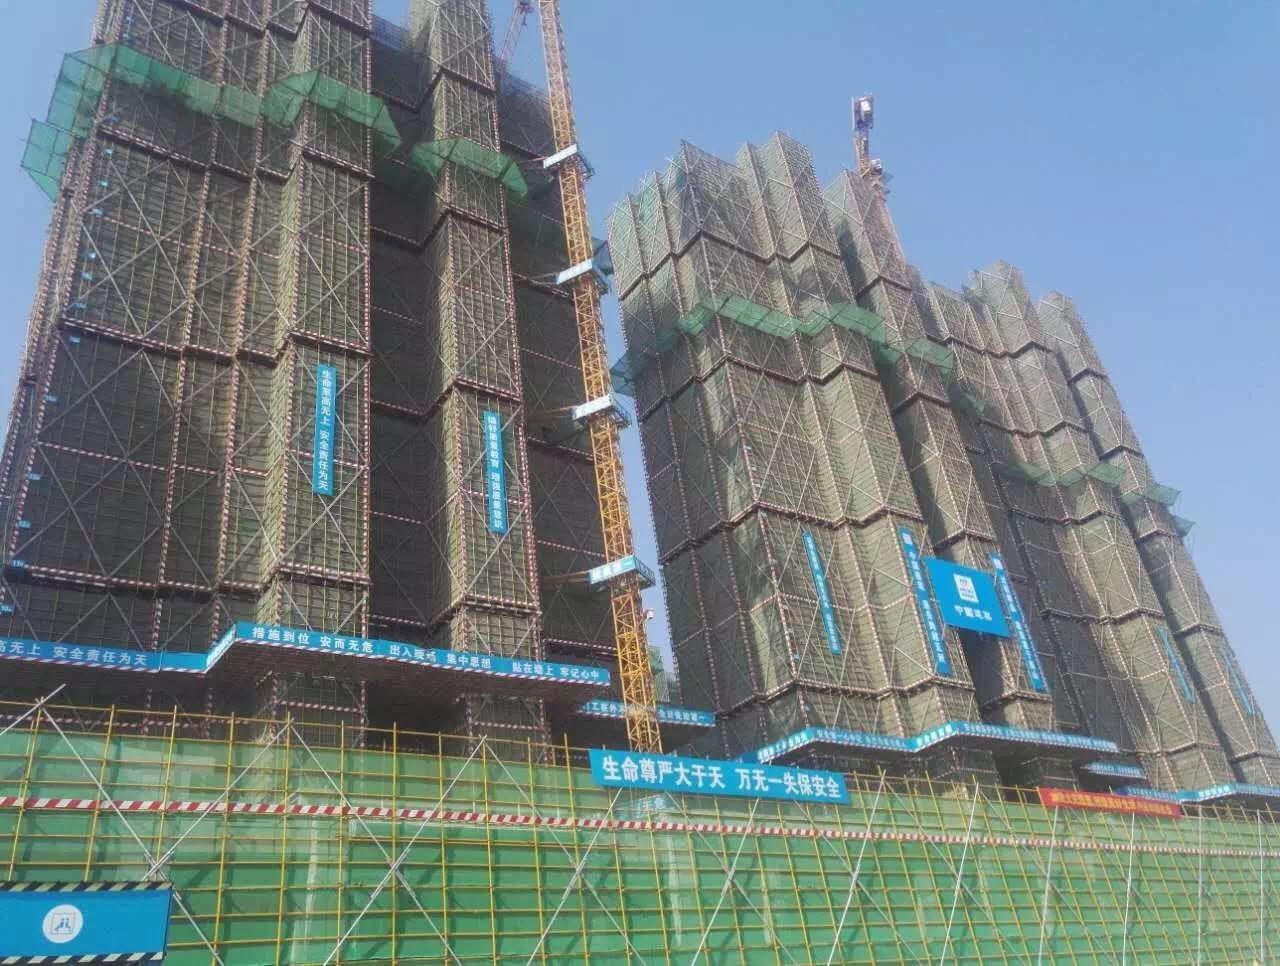 全面开展安阳市工程建设行业专项整治工作